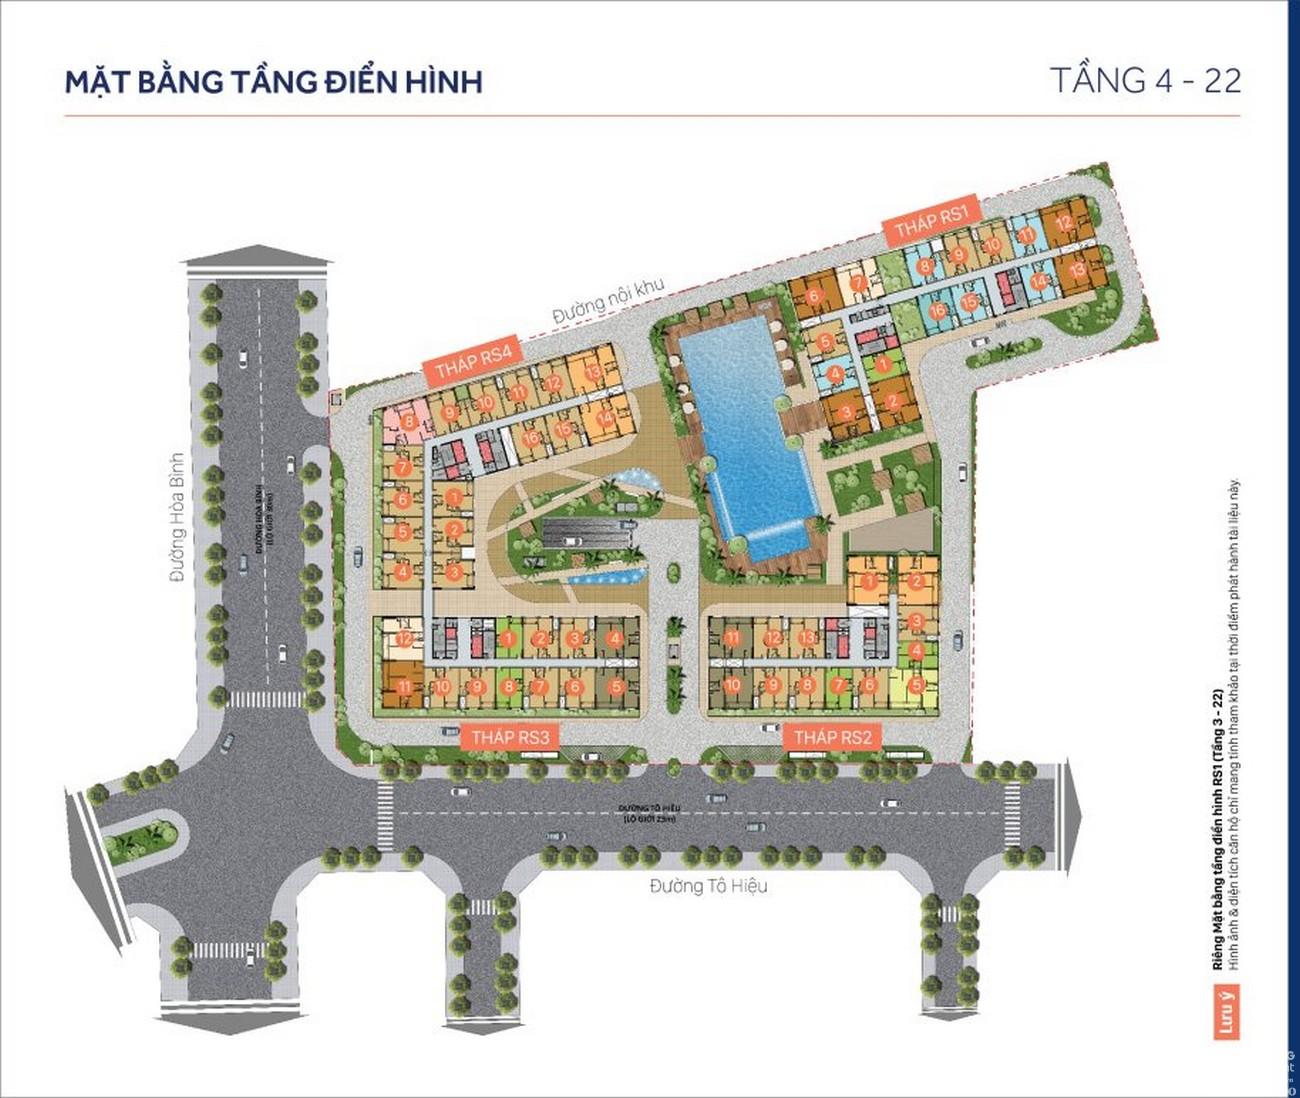 Mặt bằng dự án căn hộ chung cư RichStar Tân Phú Đường 278 Hòa Bình chủ đầu tư Novaland